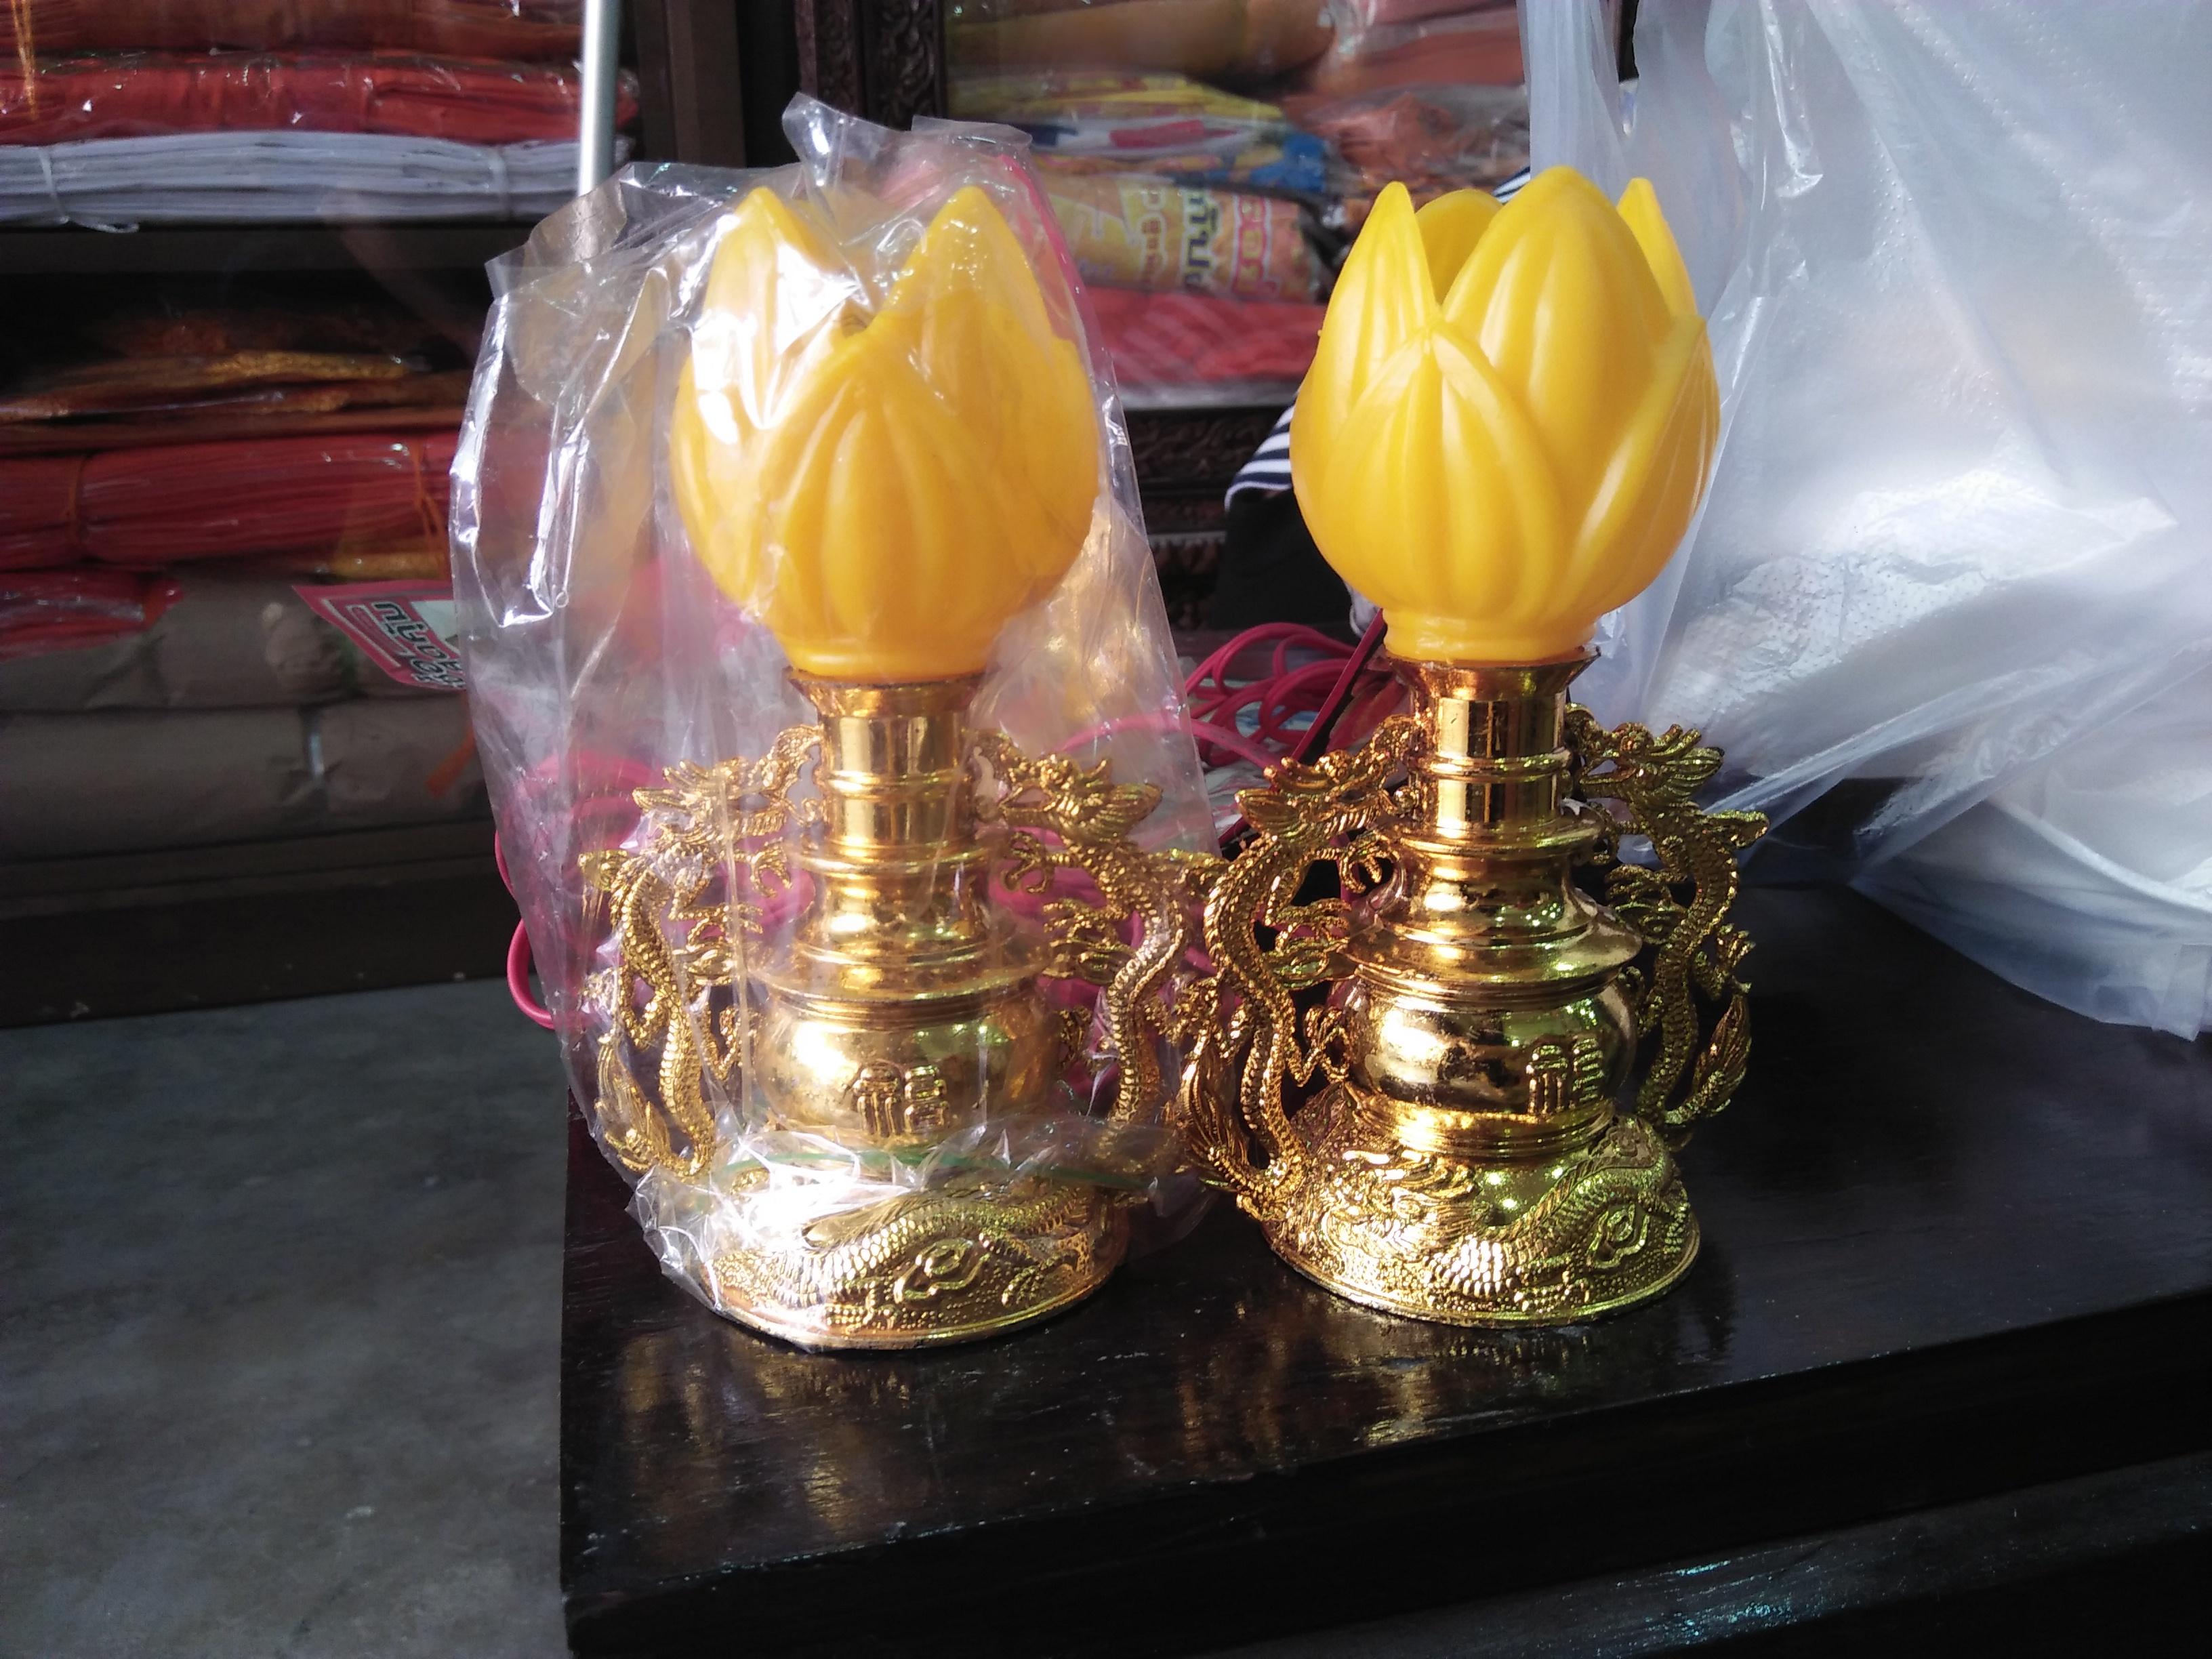 เชิงเทียนไฟฟ้า ทรงดอกบัวสีเหลือง ฐานเป็นซุ้มมังกรคู่สีทอง